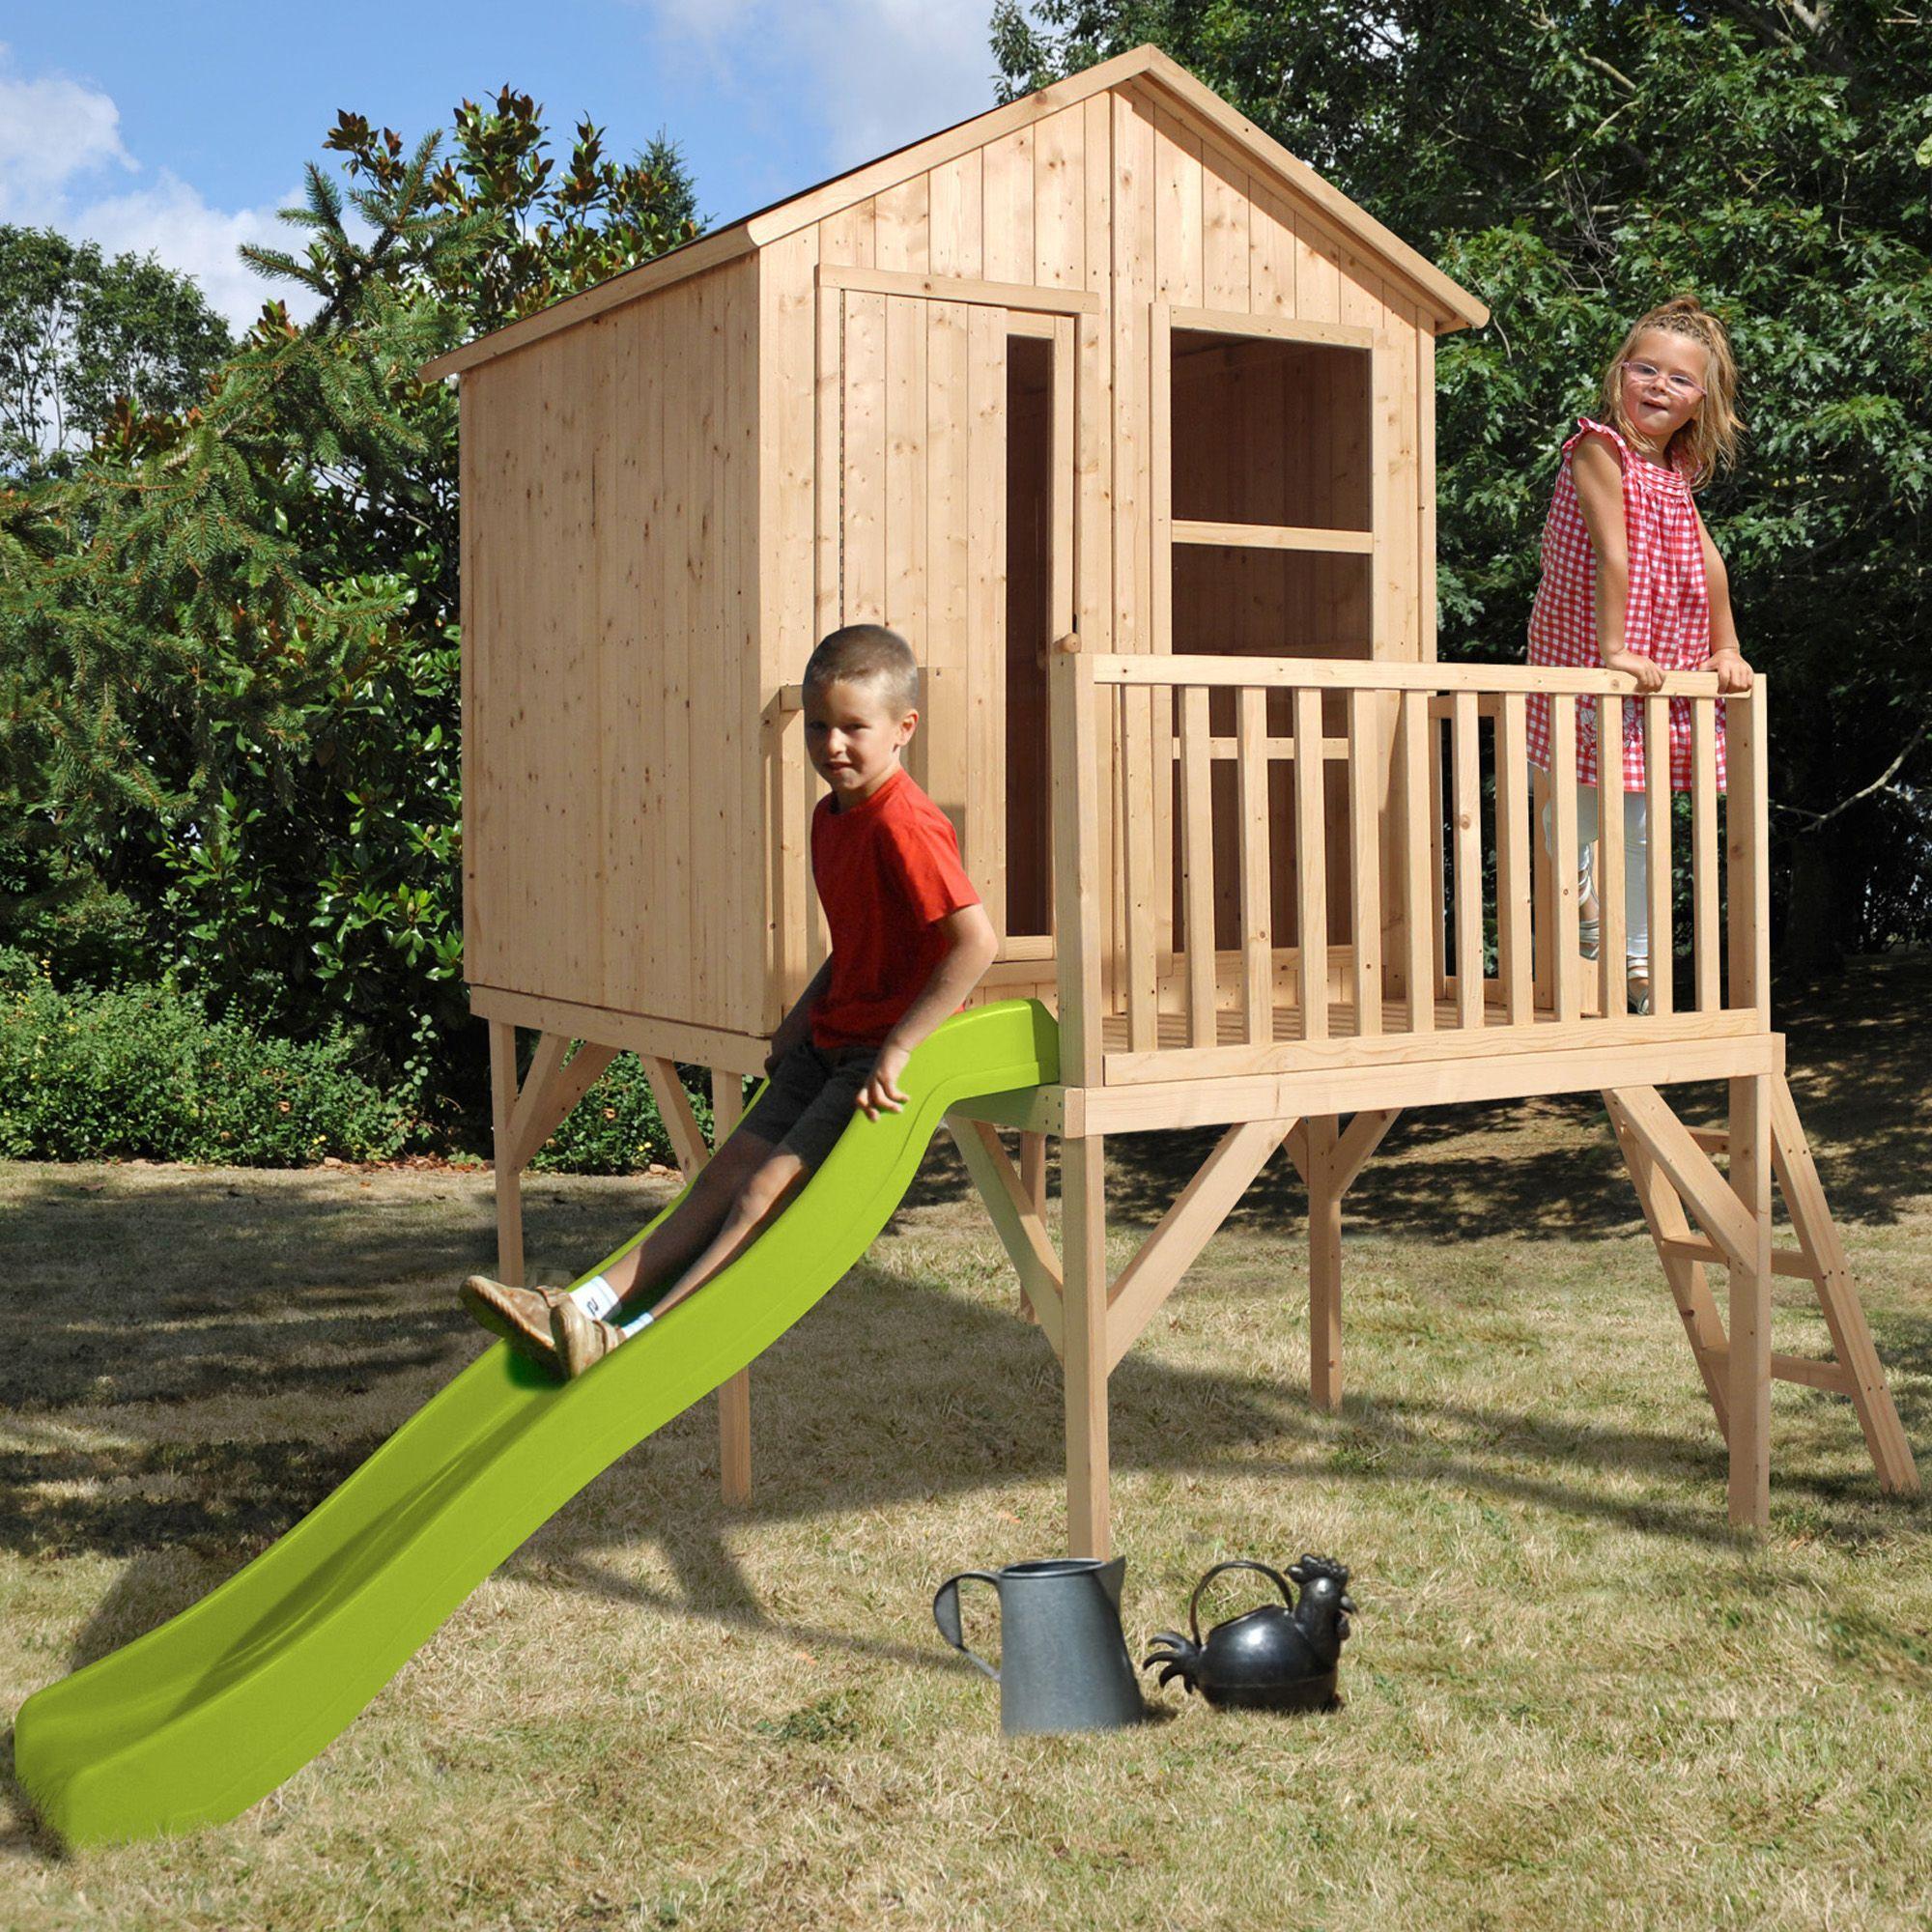 maisonnette en bois brut peindre pour enfants avec toboggan naturel rachel jouets d. Black Bedroom Furniture Sets. Home Design Ideas